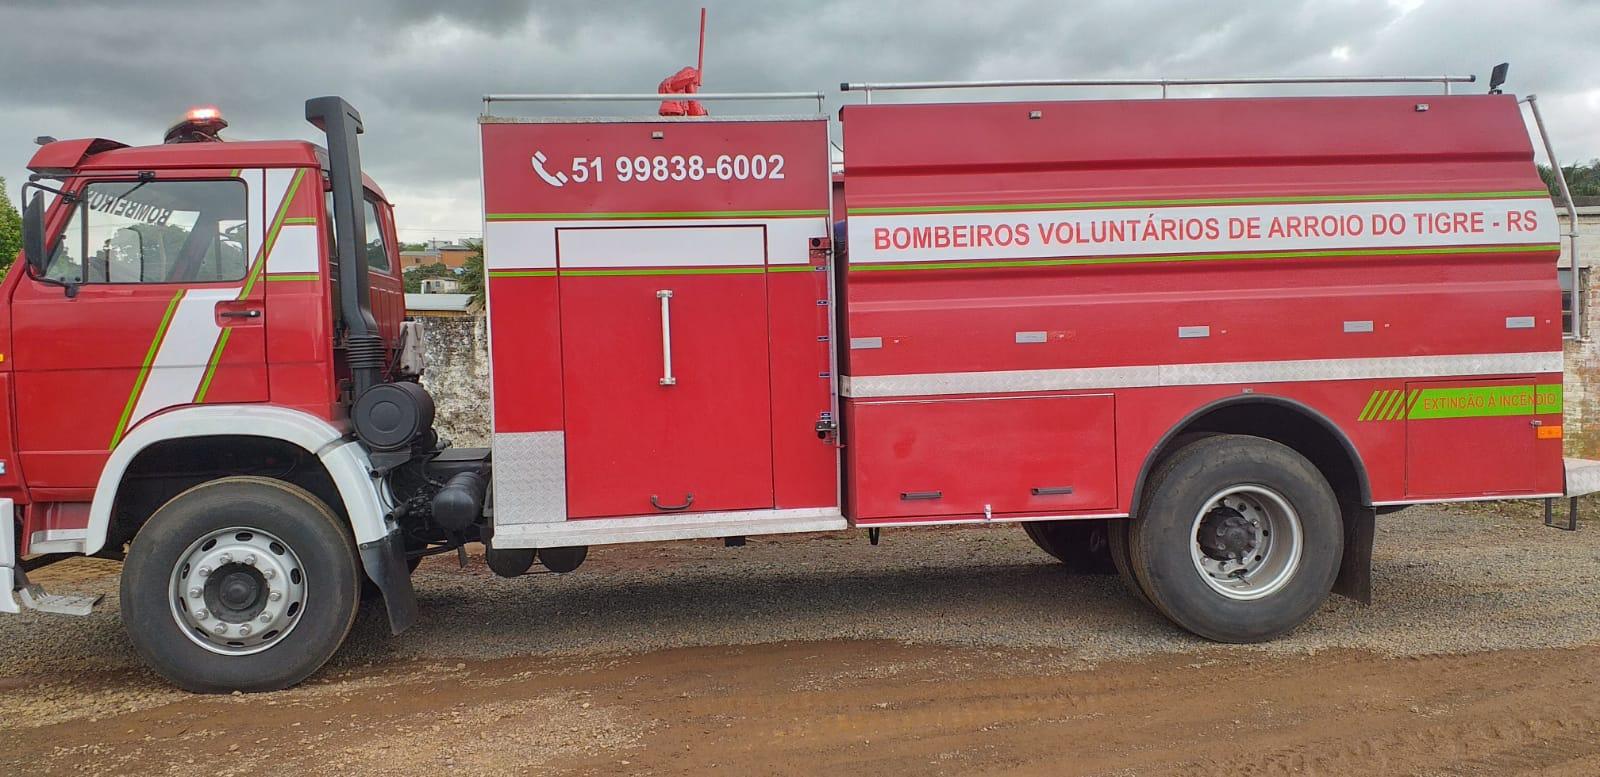 Bombeiros Voluntários de Arroio do Tigre recebem caminhão de combate a incêndio